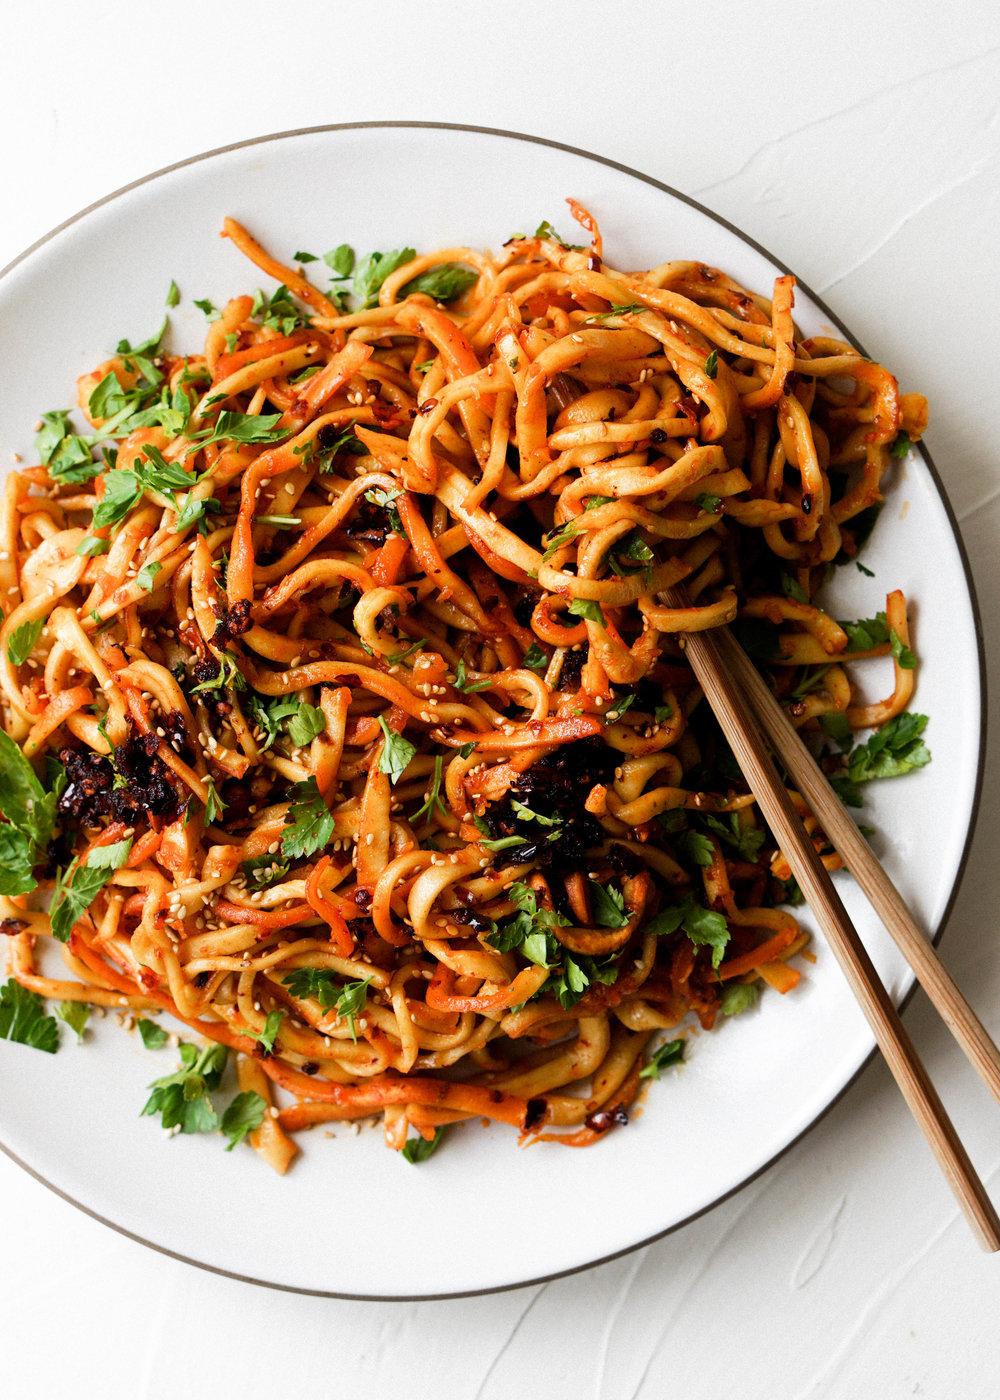 Chili Garlic Noodles - Eat Cho Food